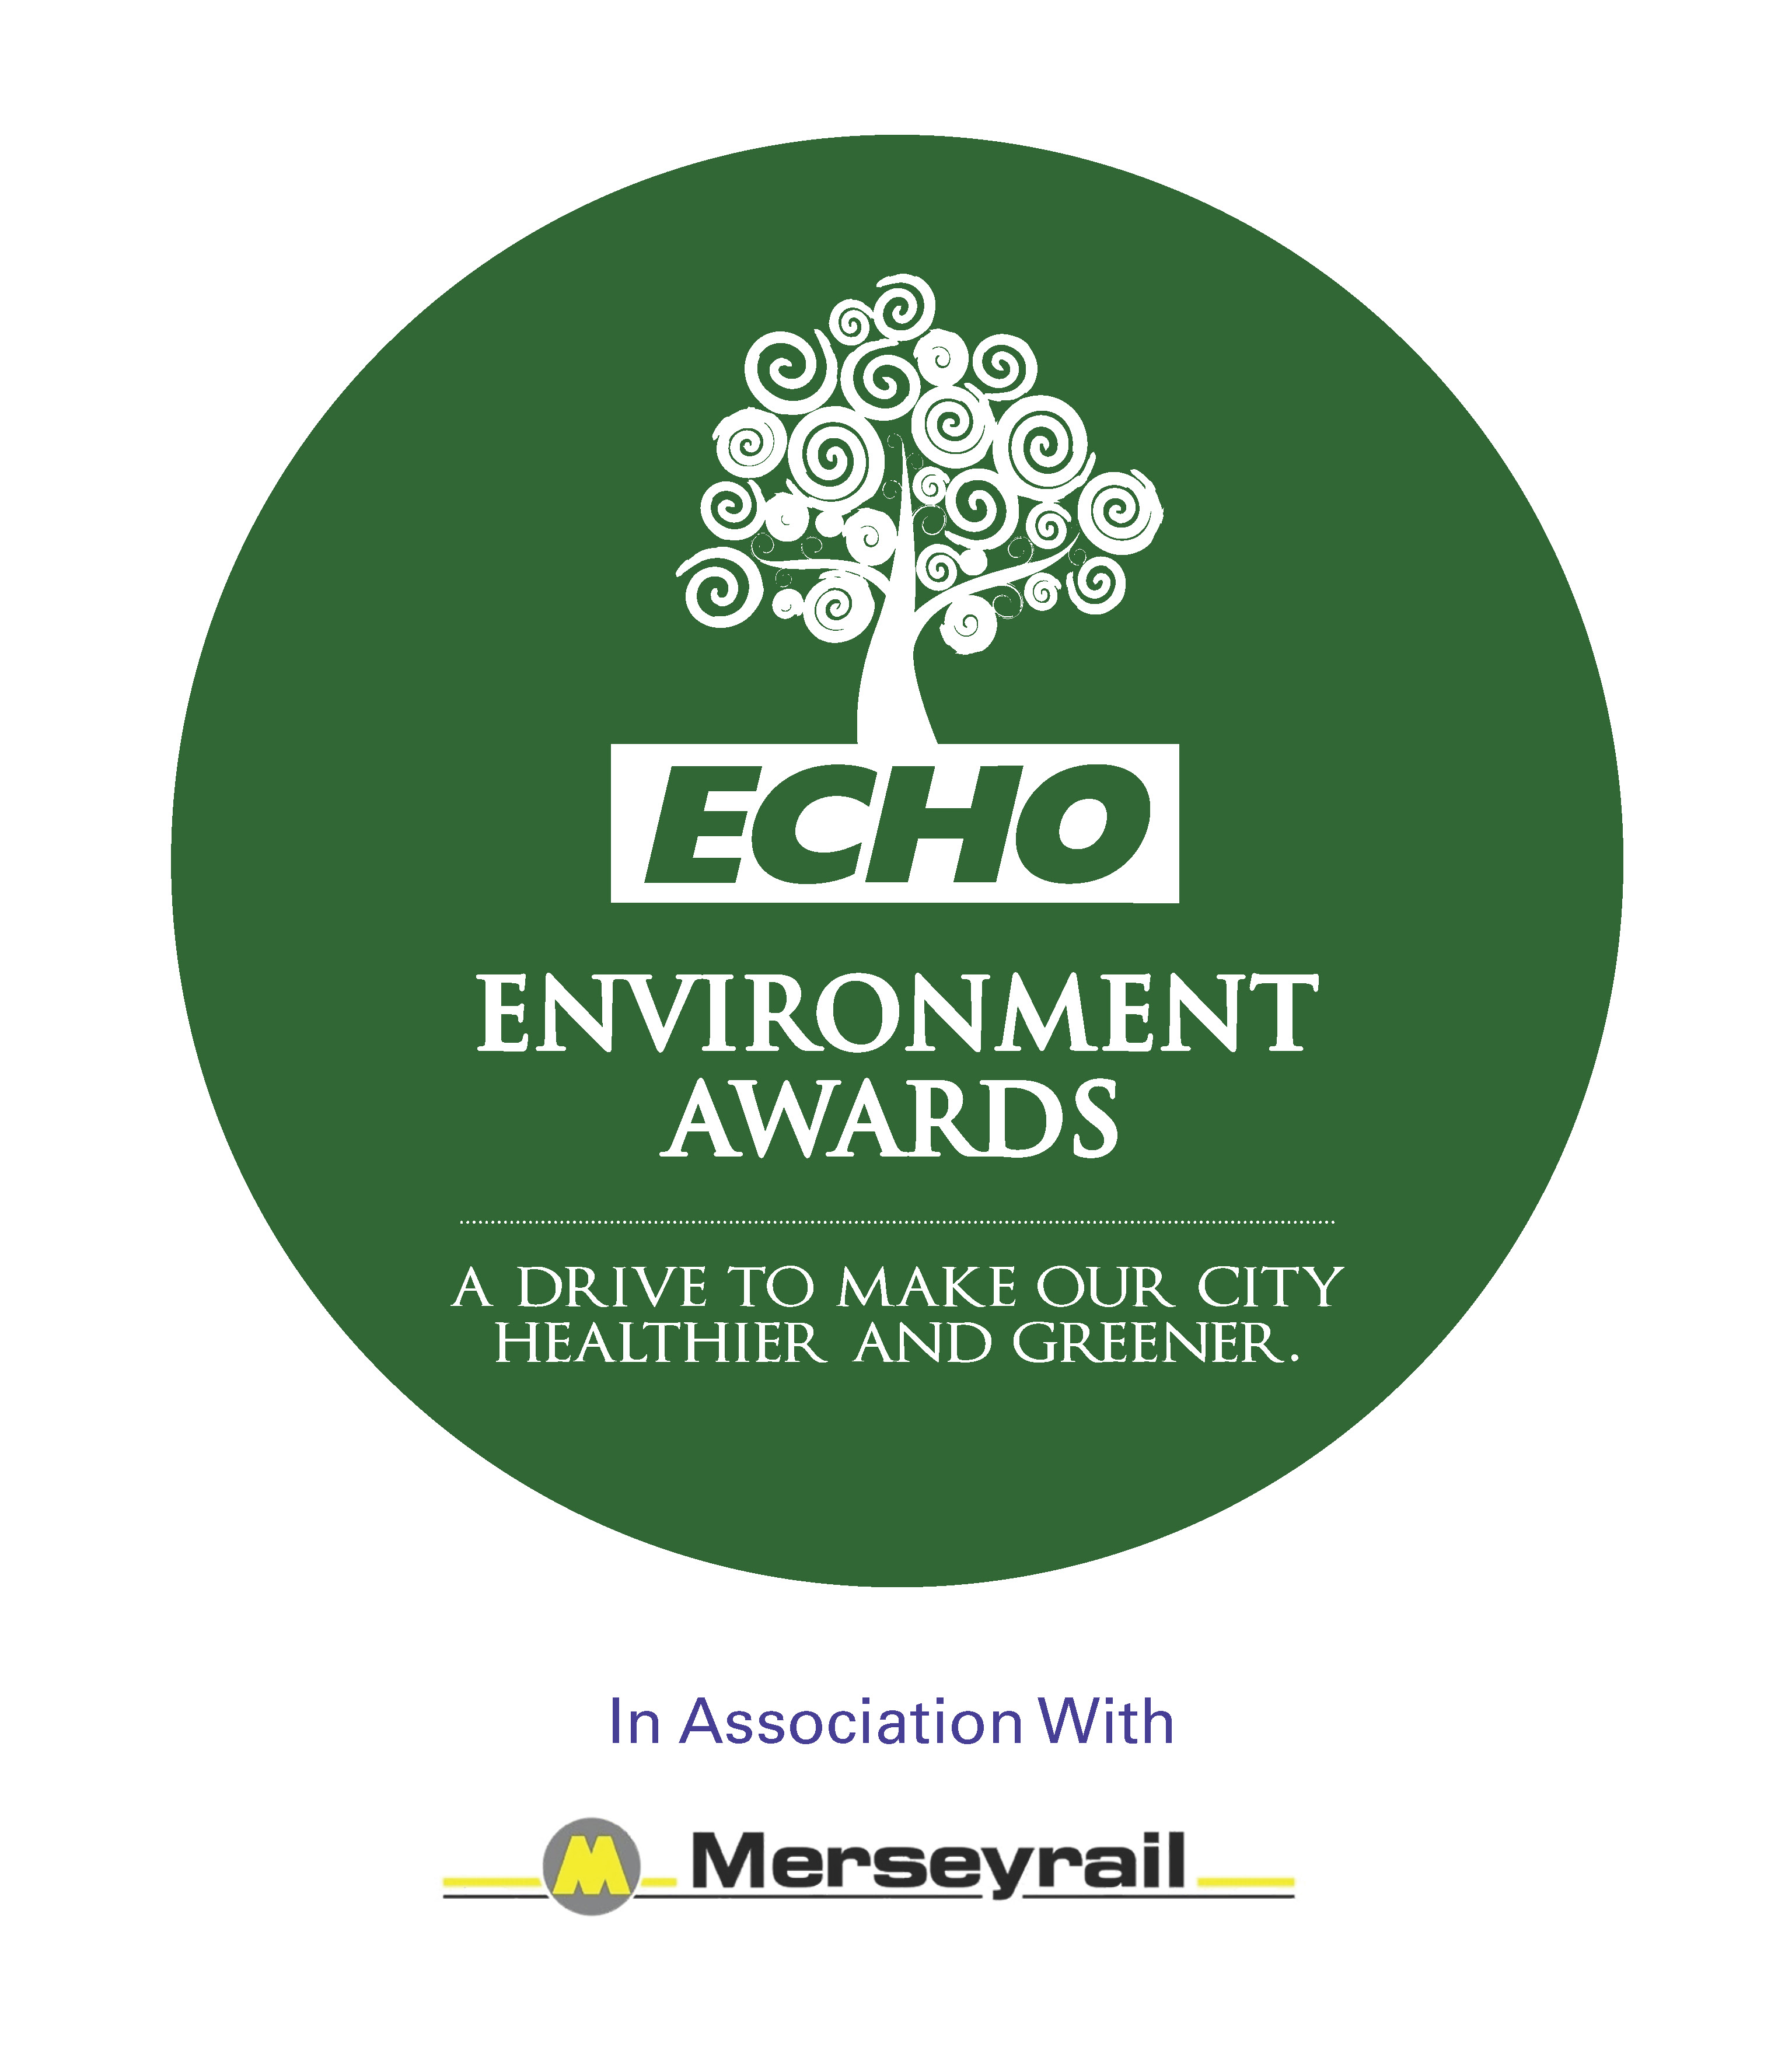 Echo Environment Awards 2017